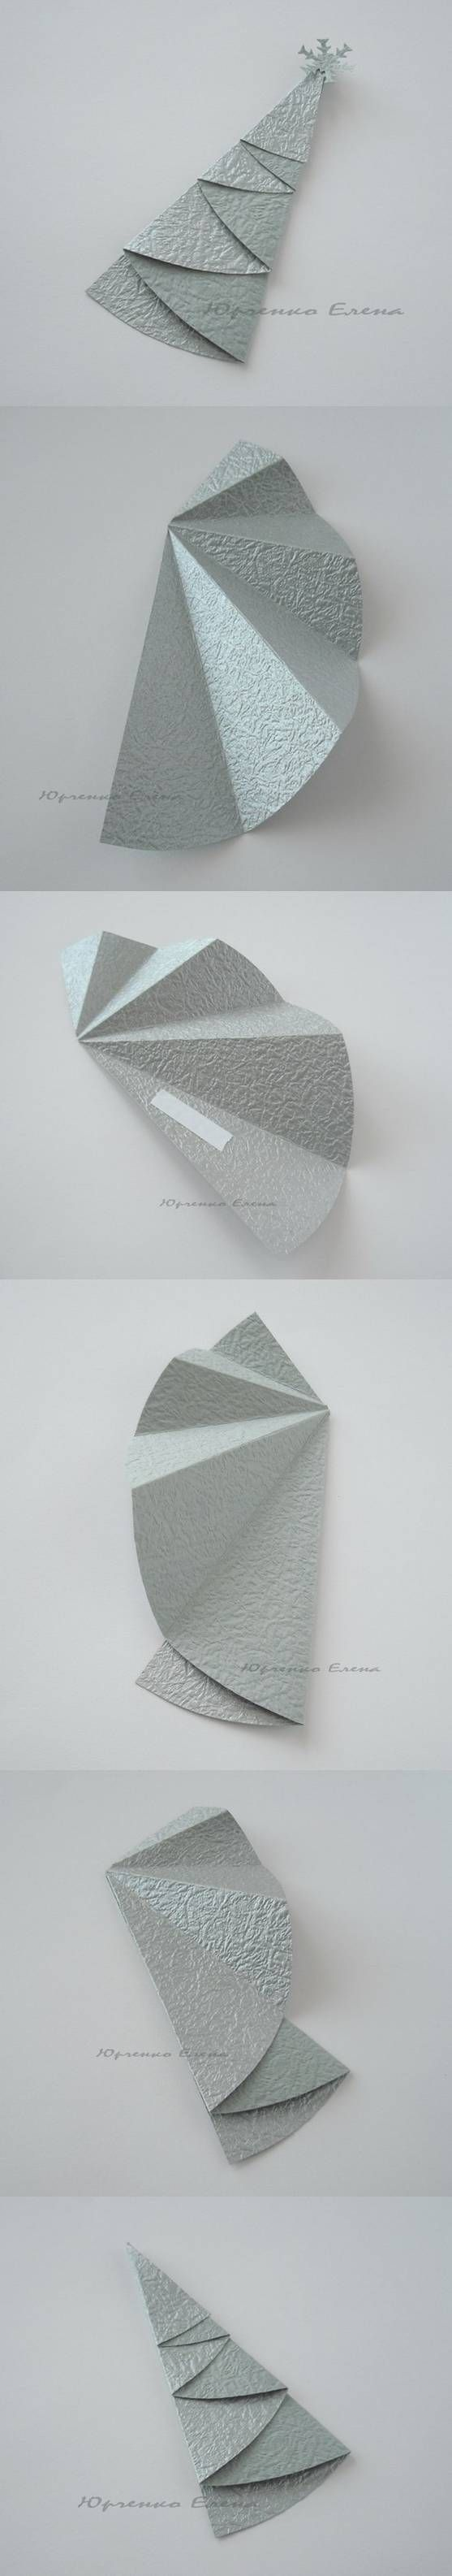 Kerstboom van papier, snel, makkelijk en gaaf effect! | Mieke Rozing